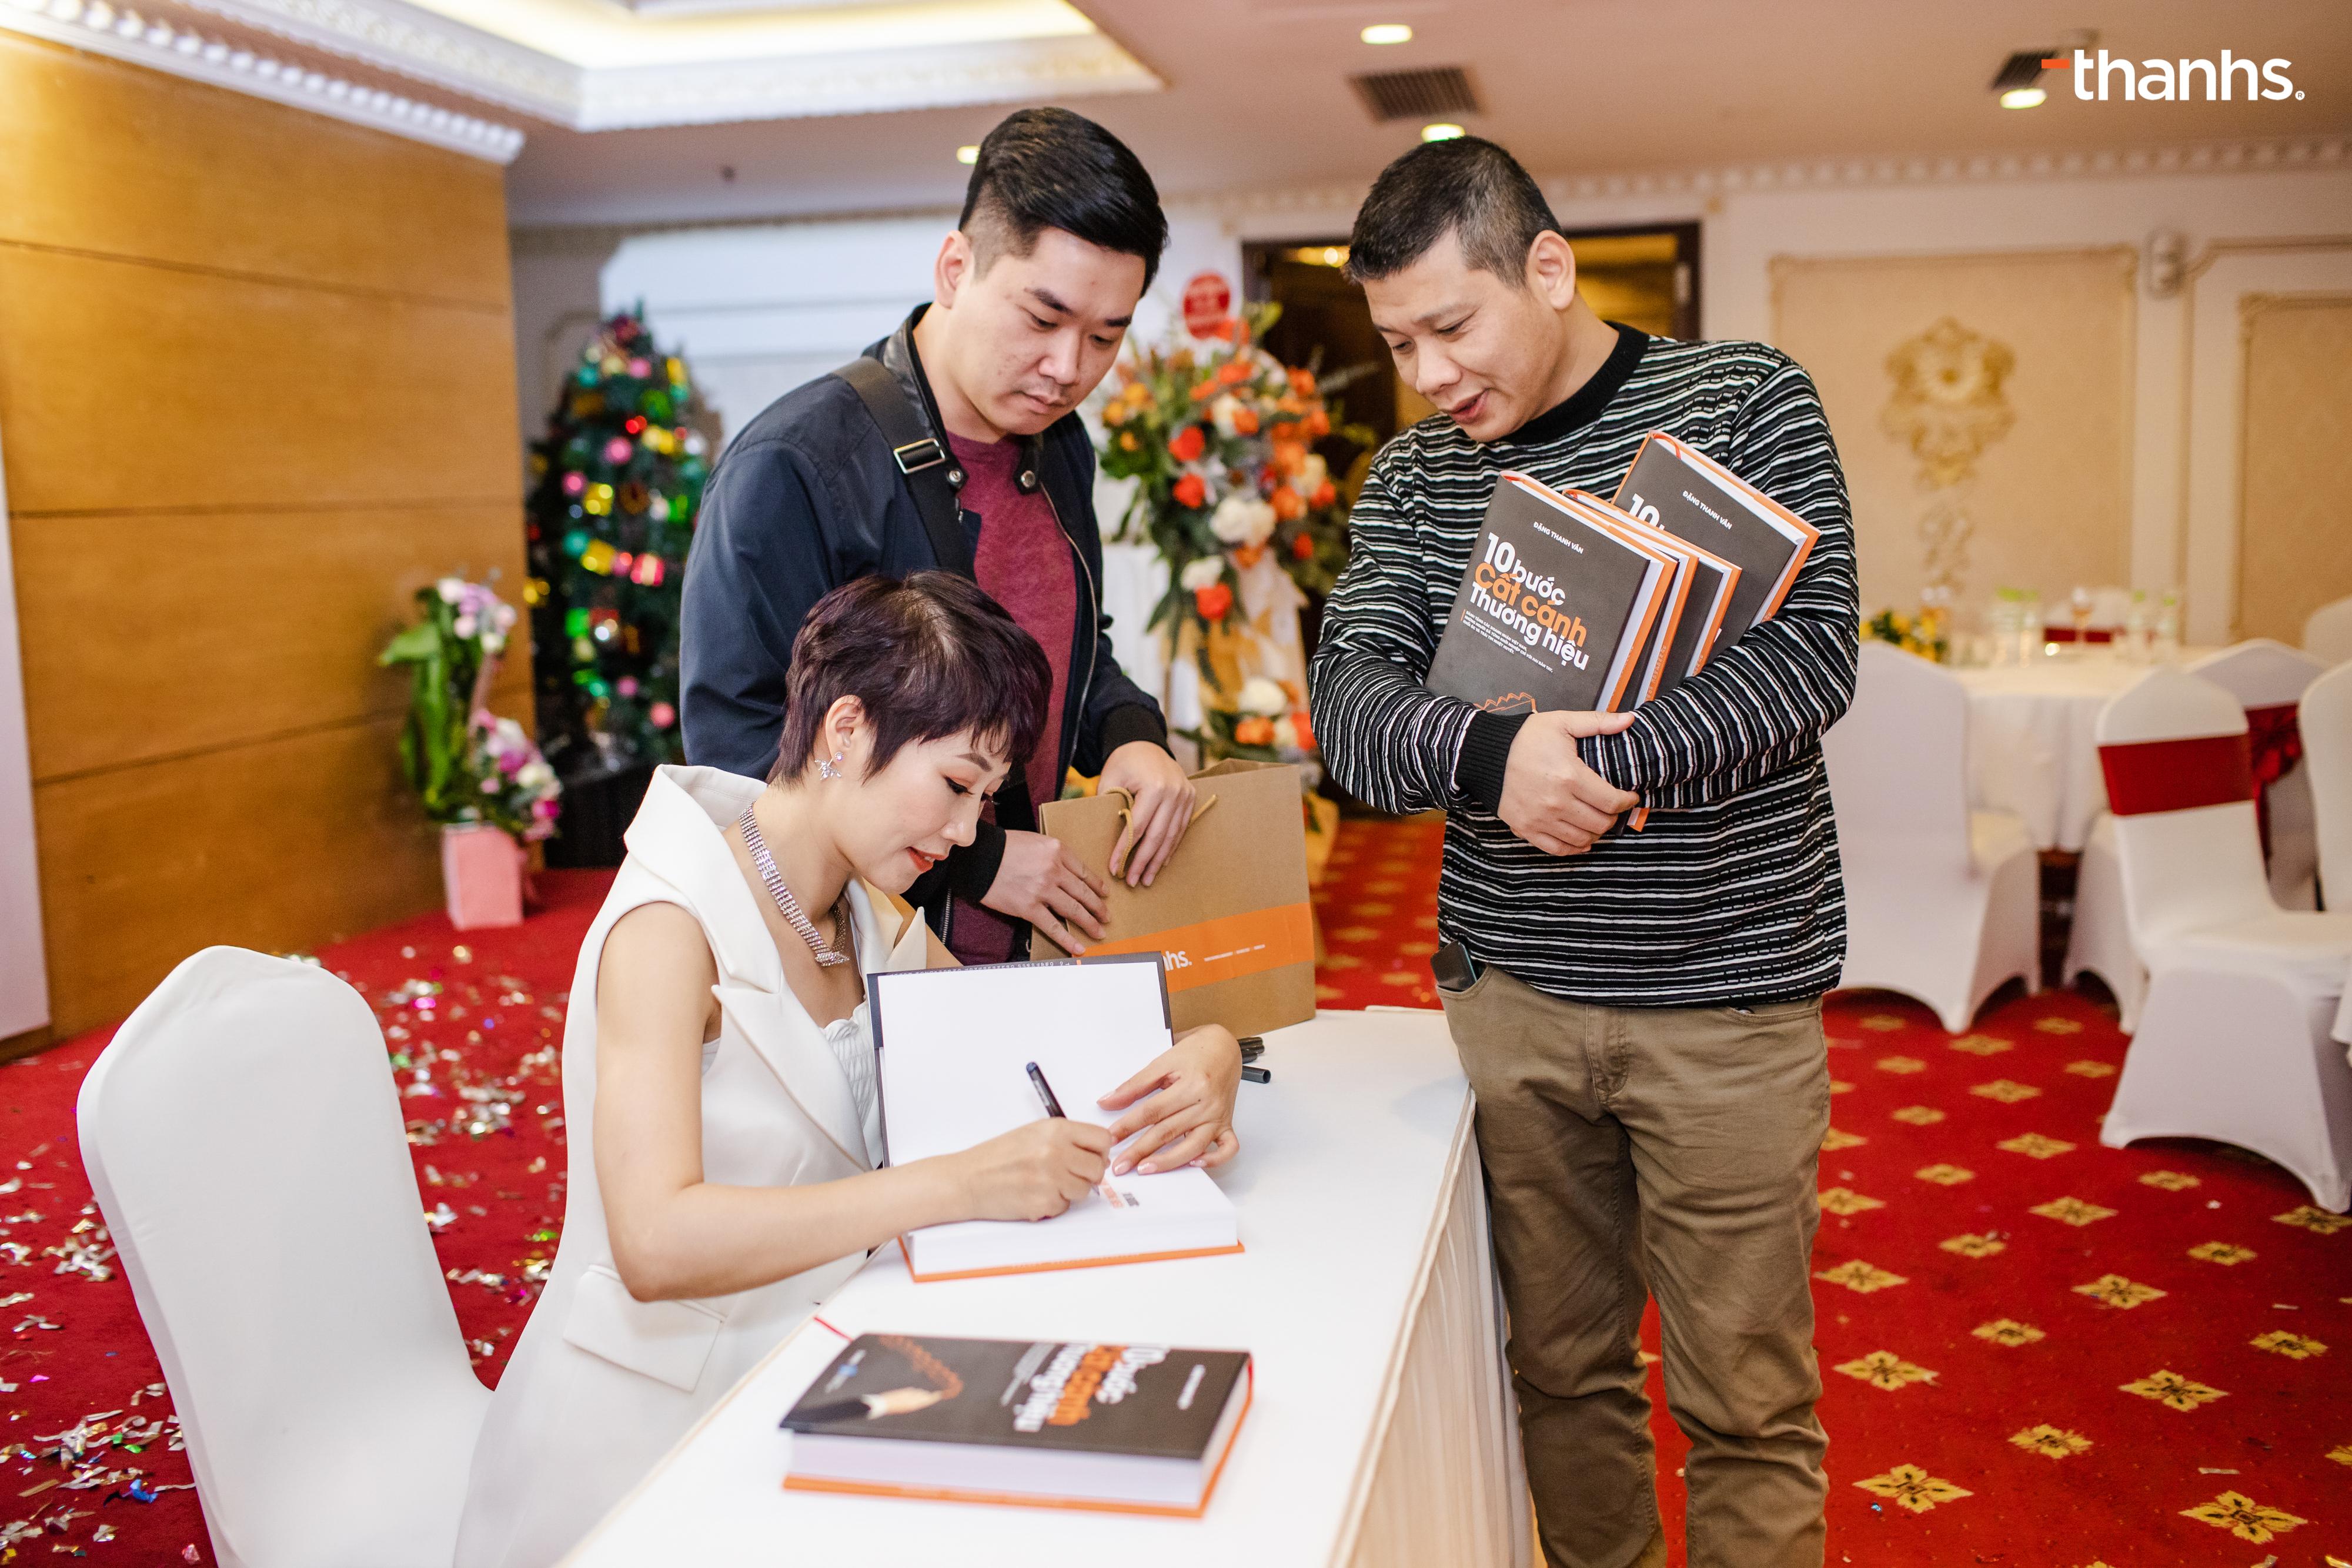 Ông Tuấn Hà và ông Mai Xuân Đạt đang đợi xin chữ kí của Tác giả Đặng Thanh Vân tại sự kiện